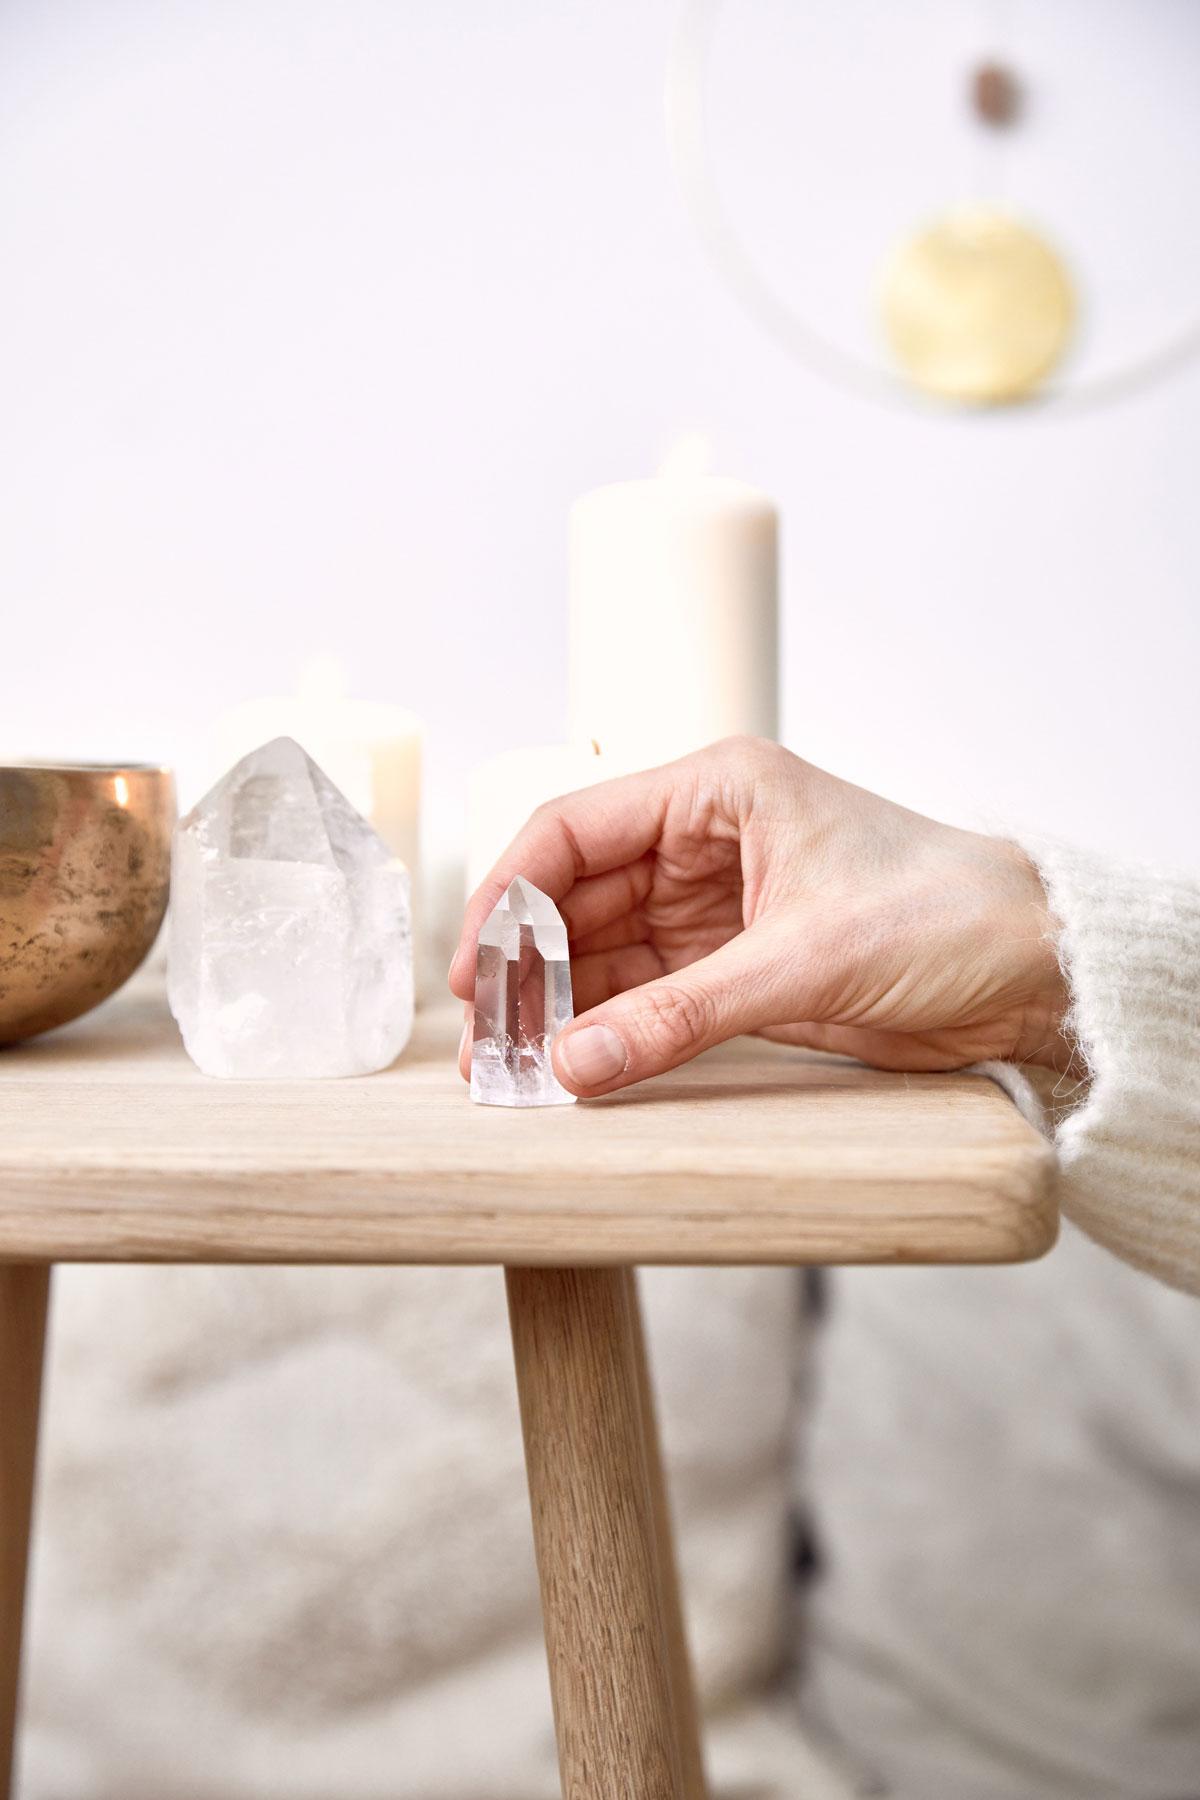 CLEAR SEEING – Dein Bergkristall Edelstein crystal Bergkristallspitze. Mood, Hand, Bergkristall Steine, Tisch, Kerzen, Mondphasen, Klangschale, NAIONA.